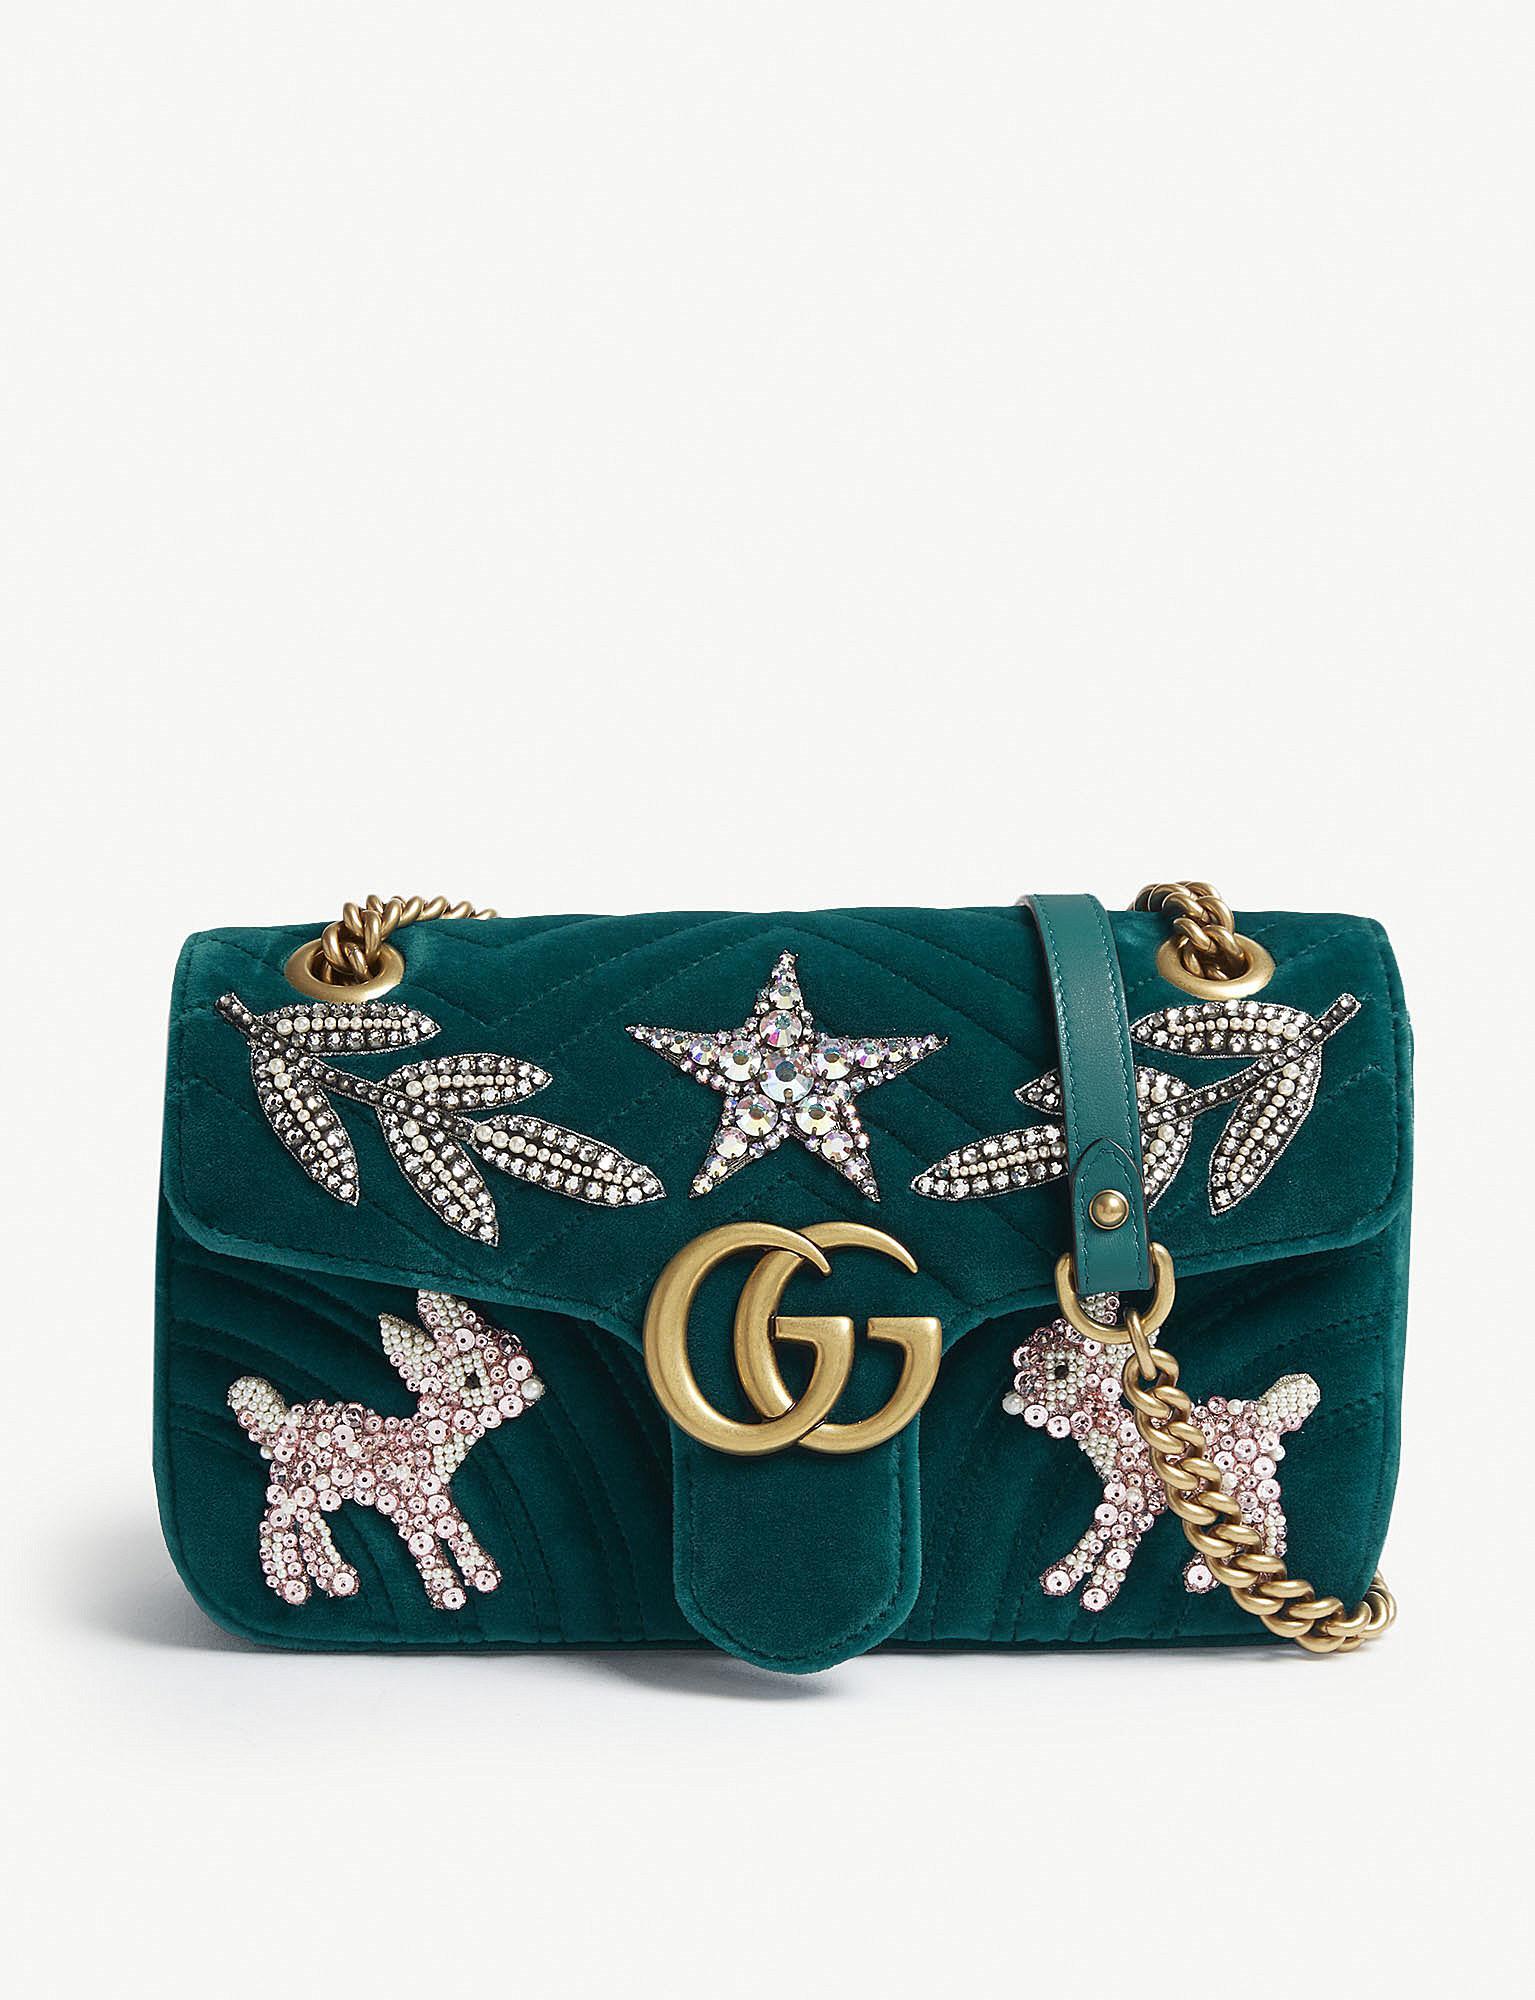 0dff03c9de8d Palm Springs Backpack Mini Handbags Louis Vuitton